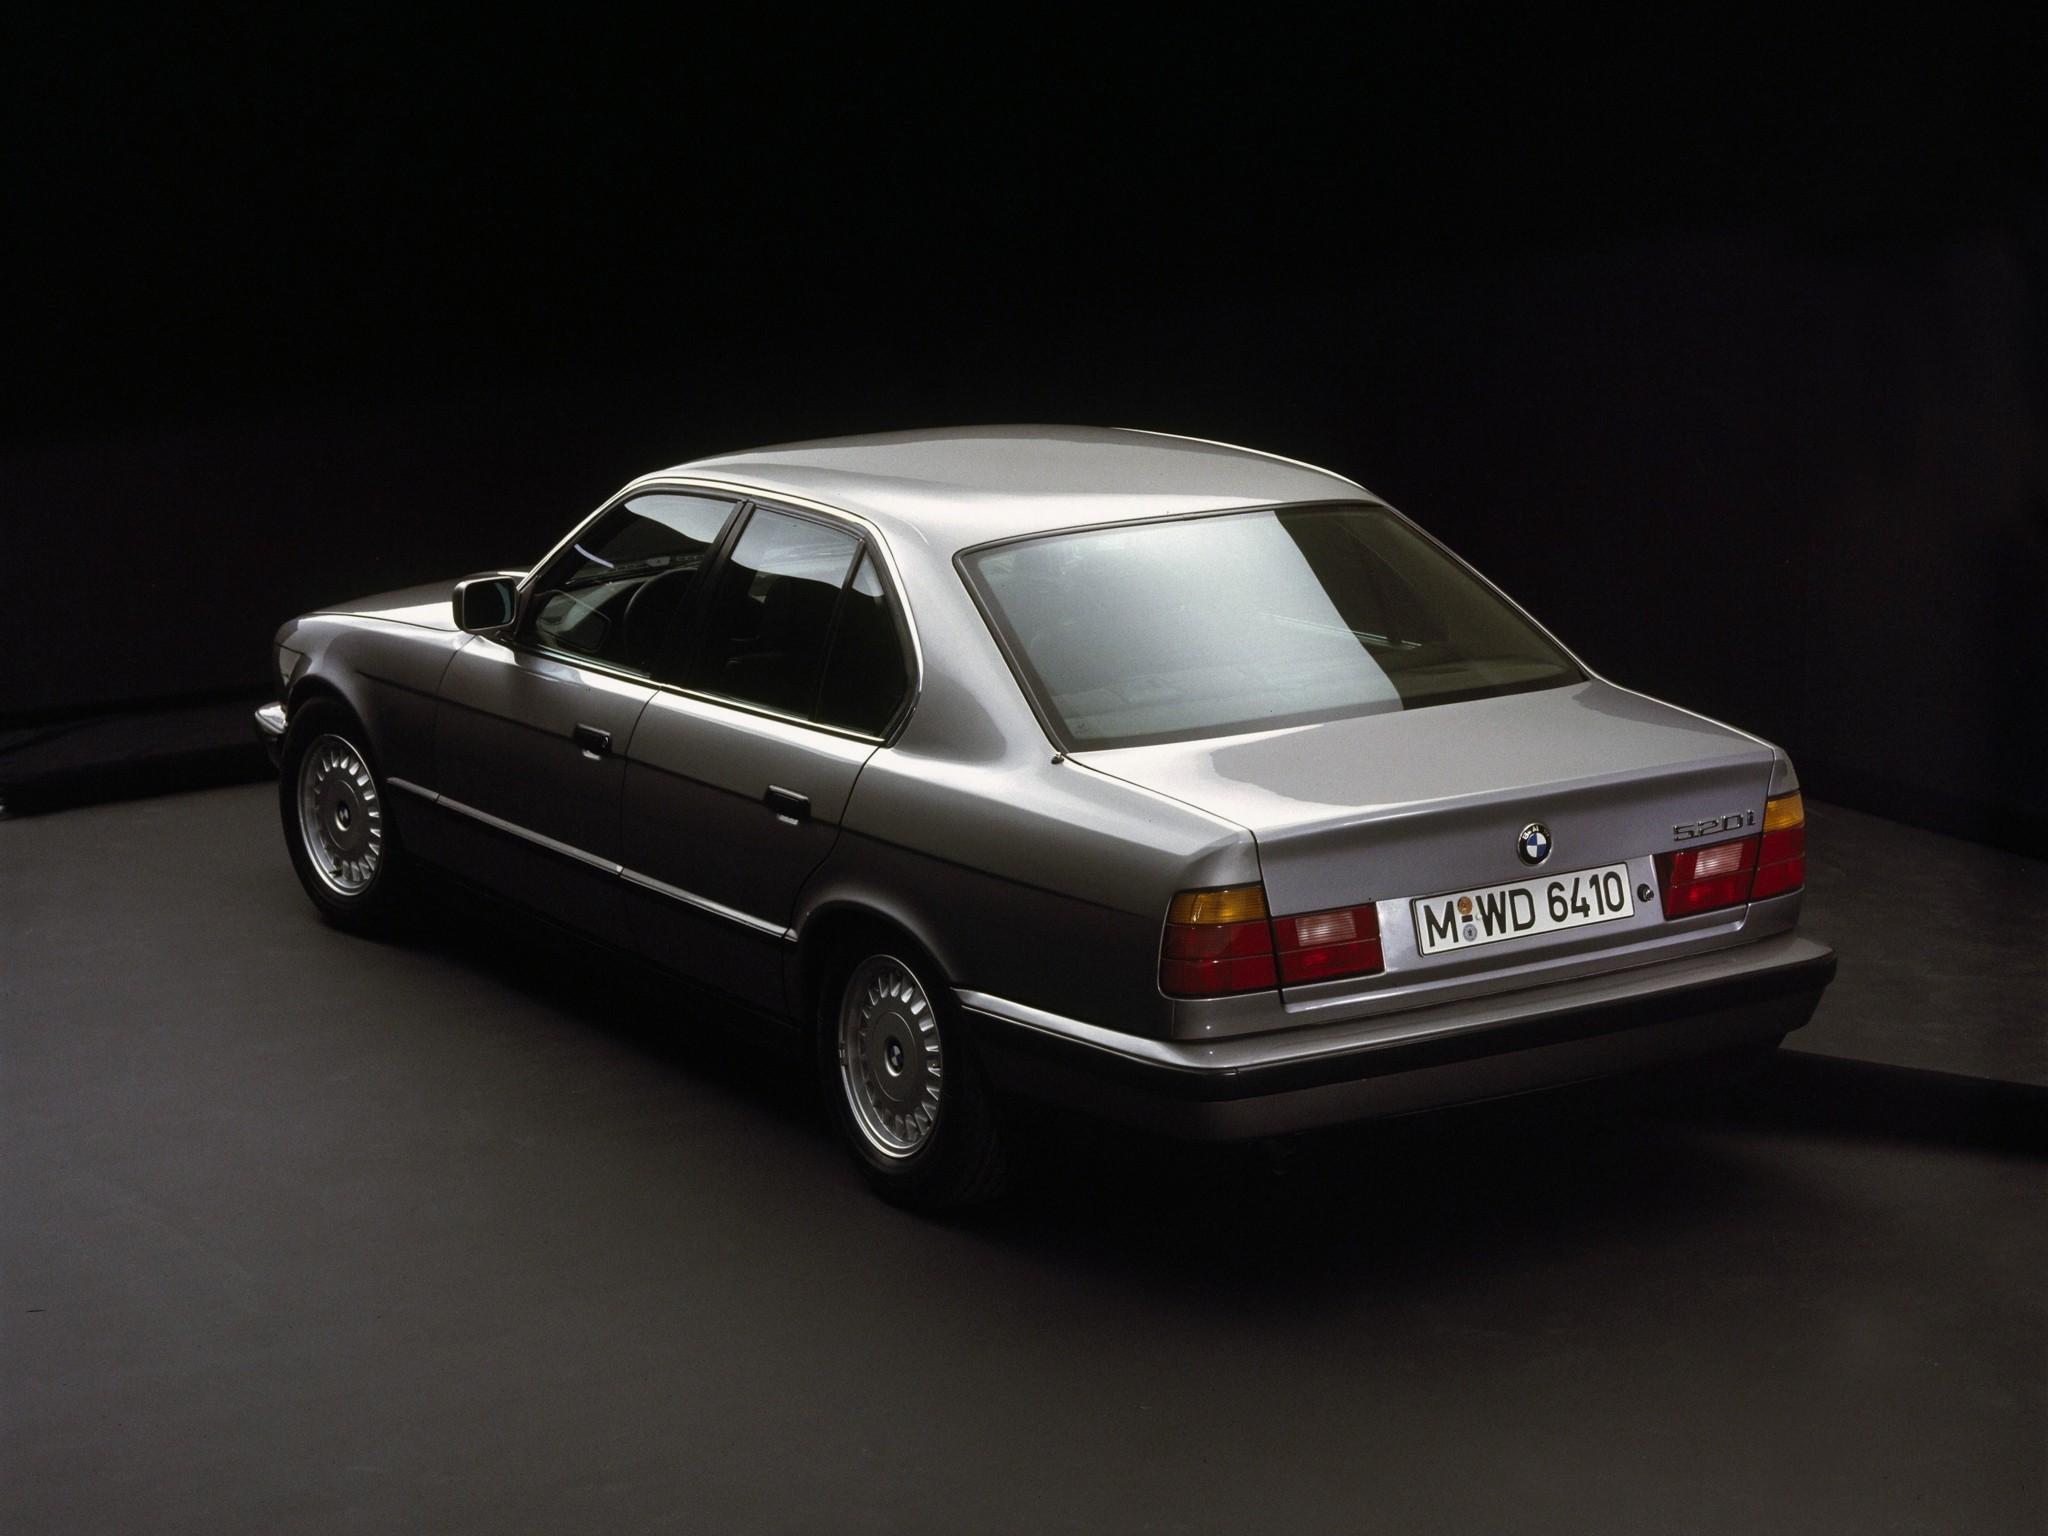 Bmw 5 Series  E34  Specs  U0026 Photos - 1988  1989  1990  1991  1992  1993  1994  1995